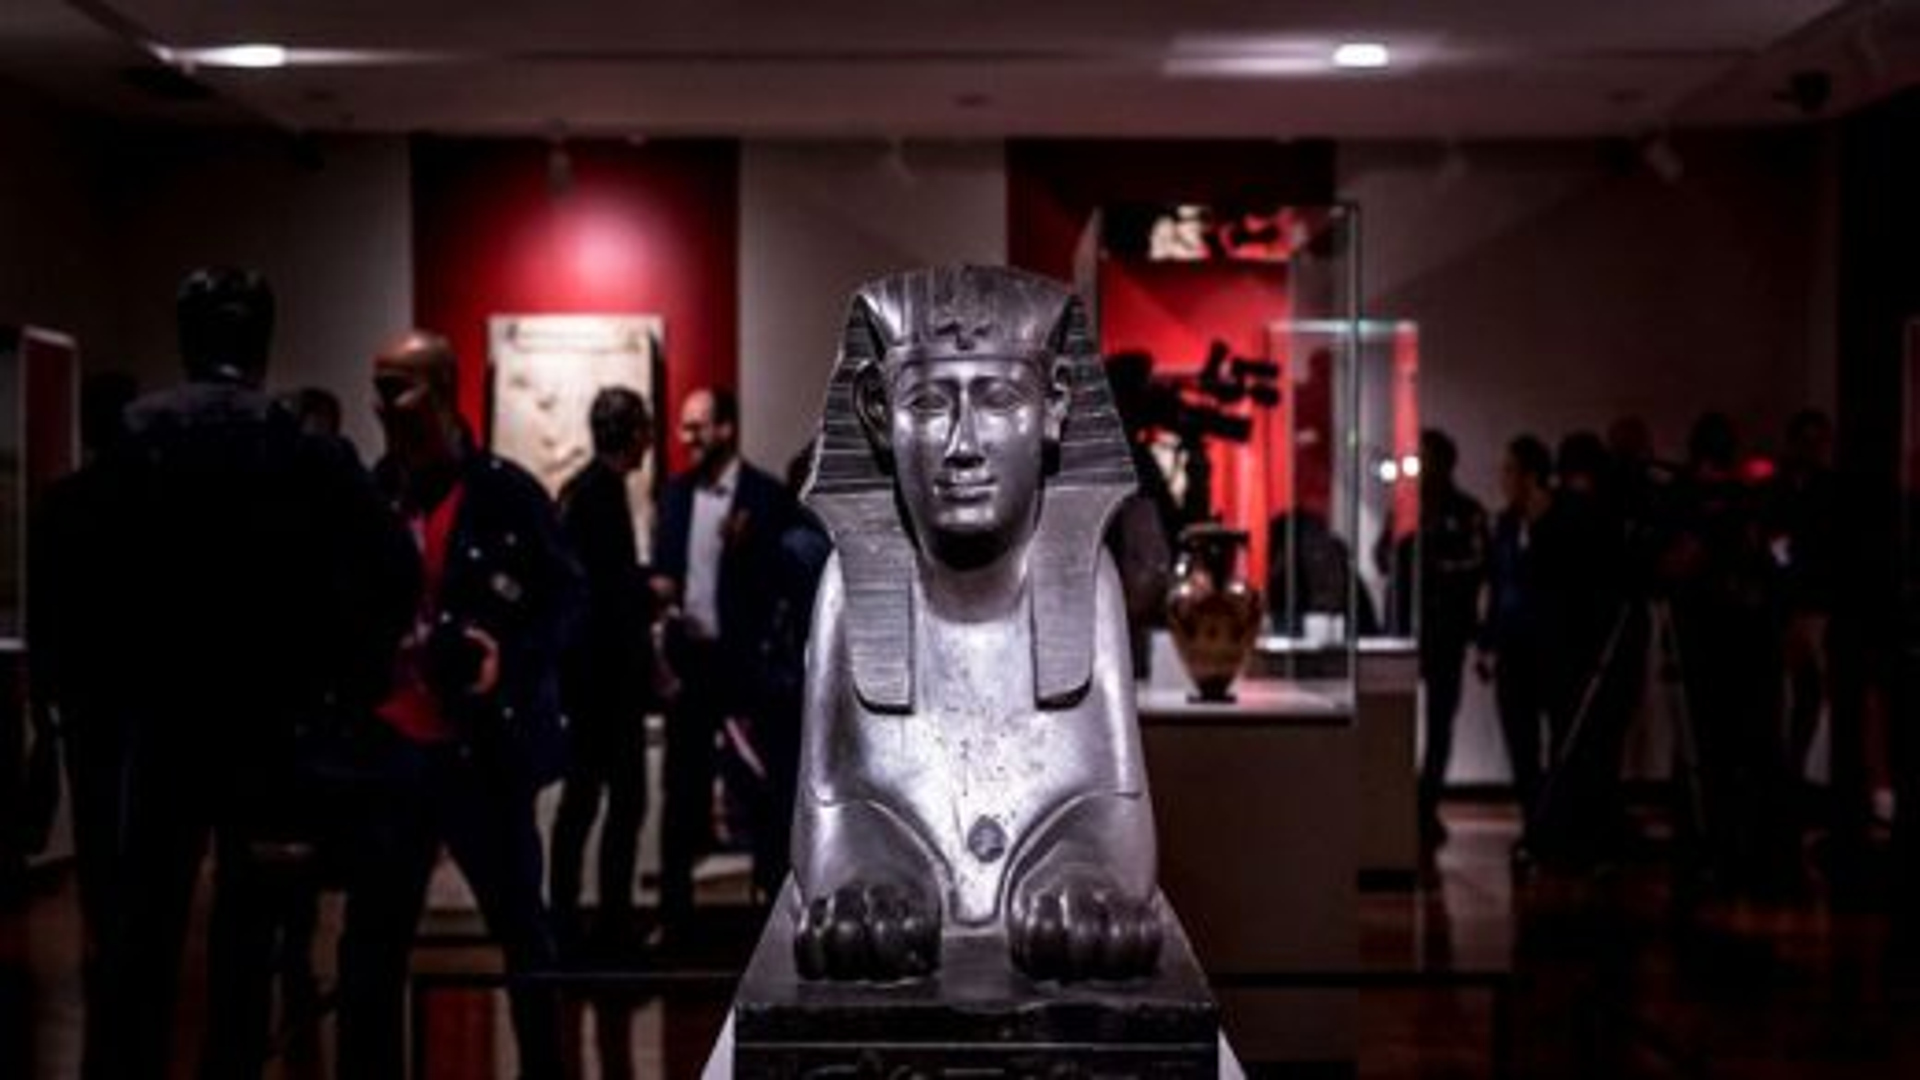 موزه-لوور | تگ